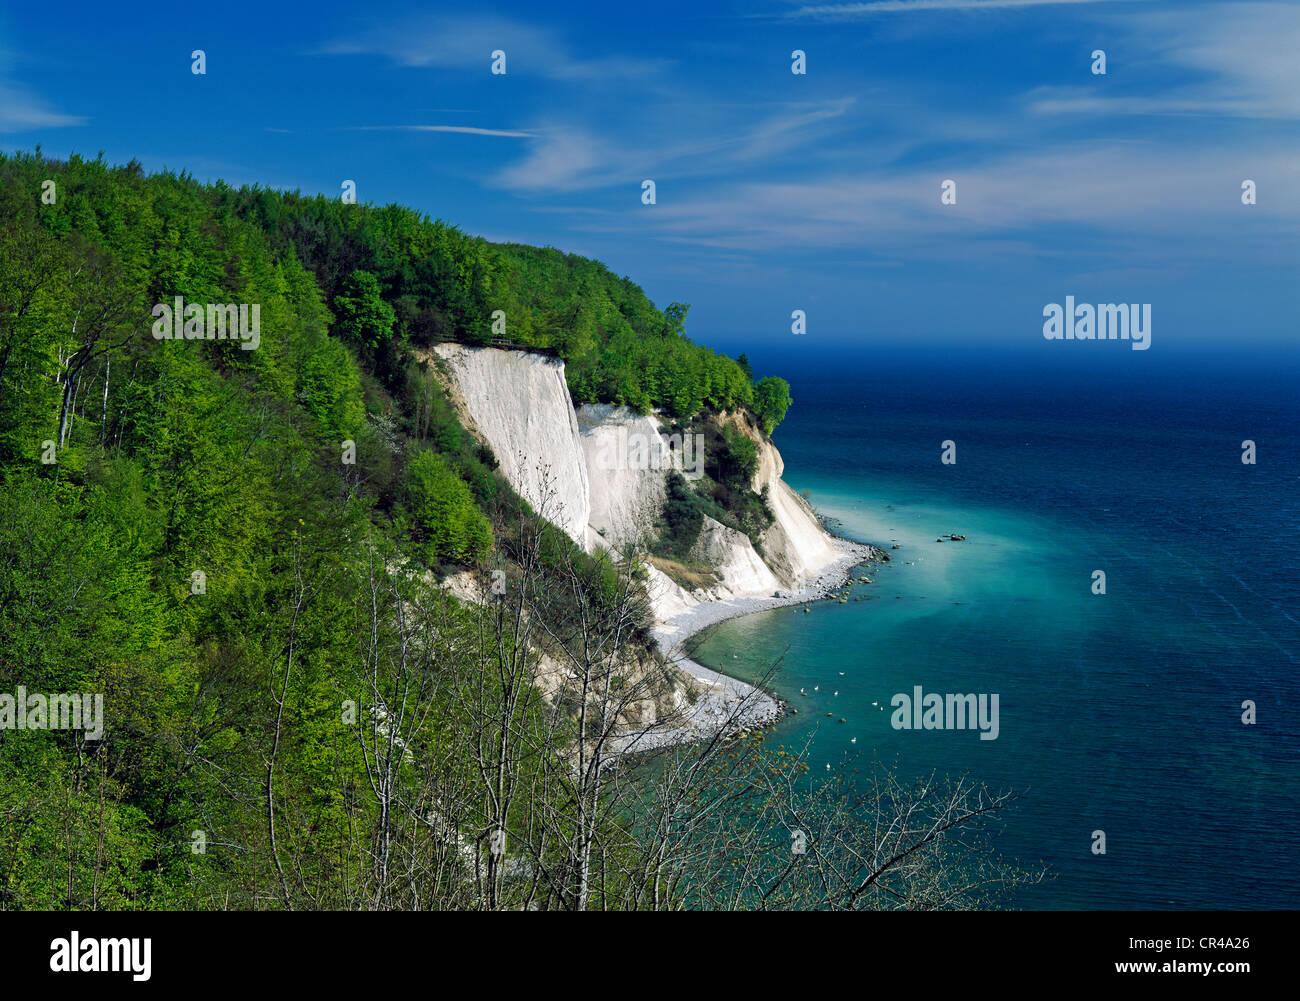 Dissower Klinken, chalk coast, Ruegen, Mecklenburg-Vorpommern, Germany, Europe - Stock Image